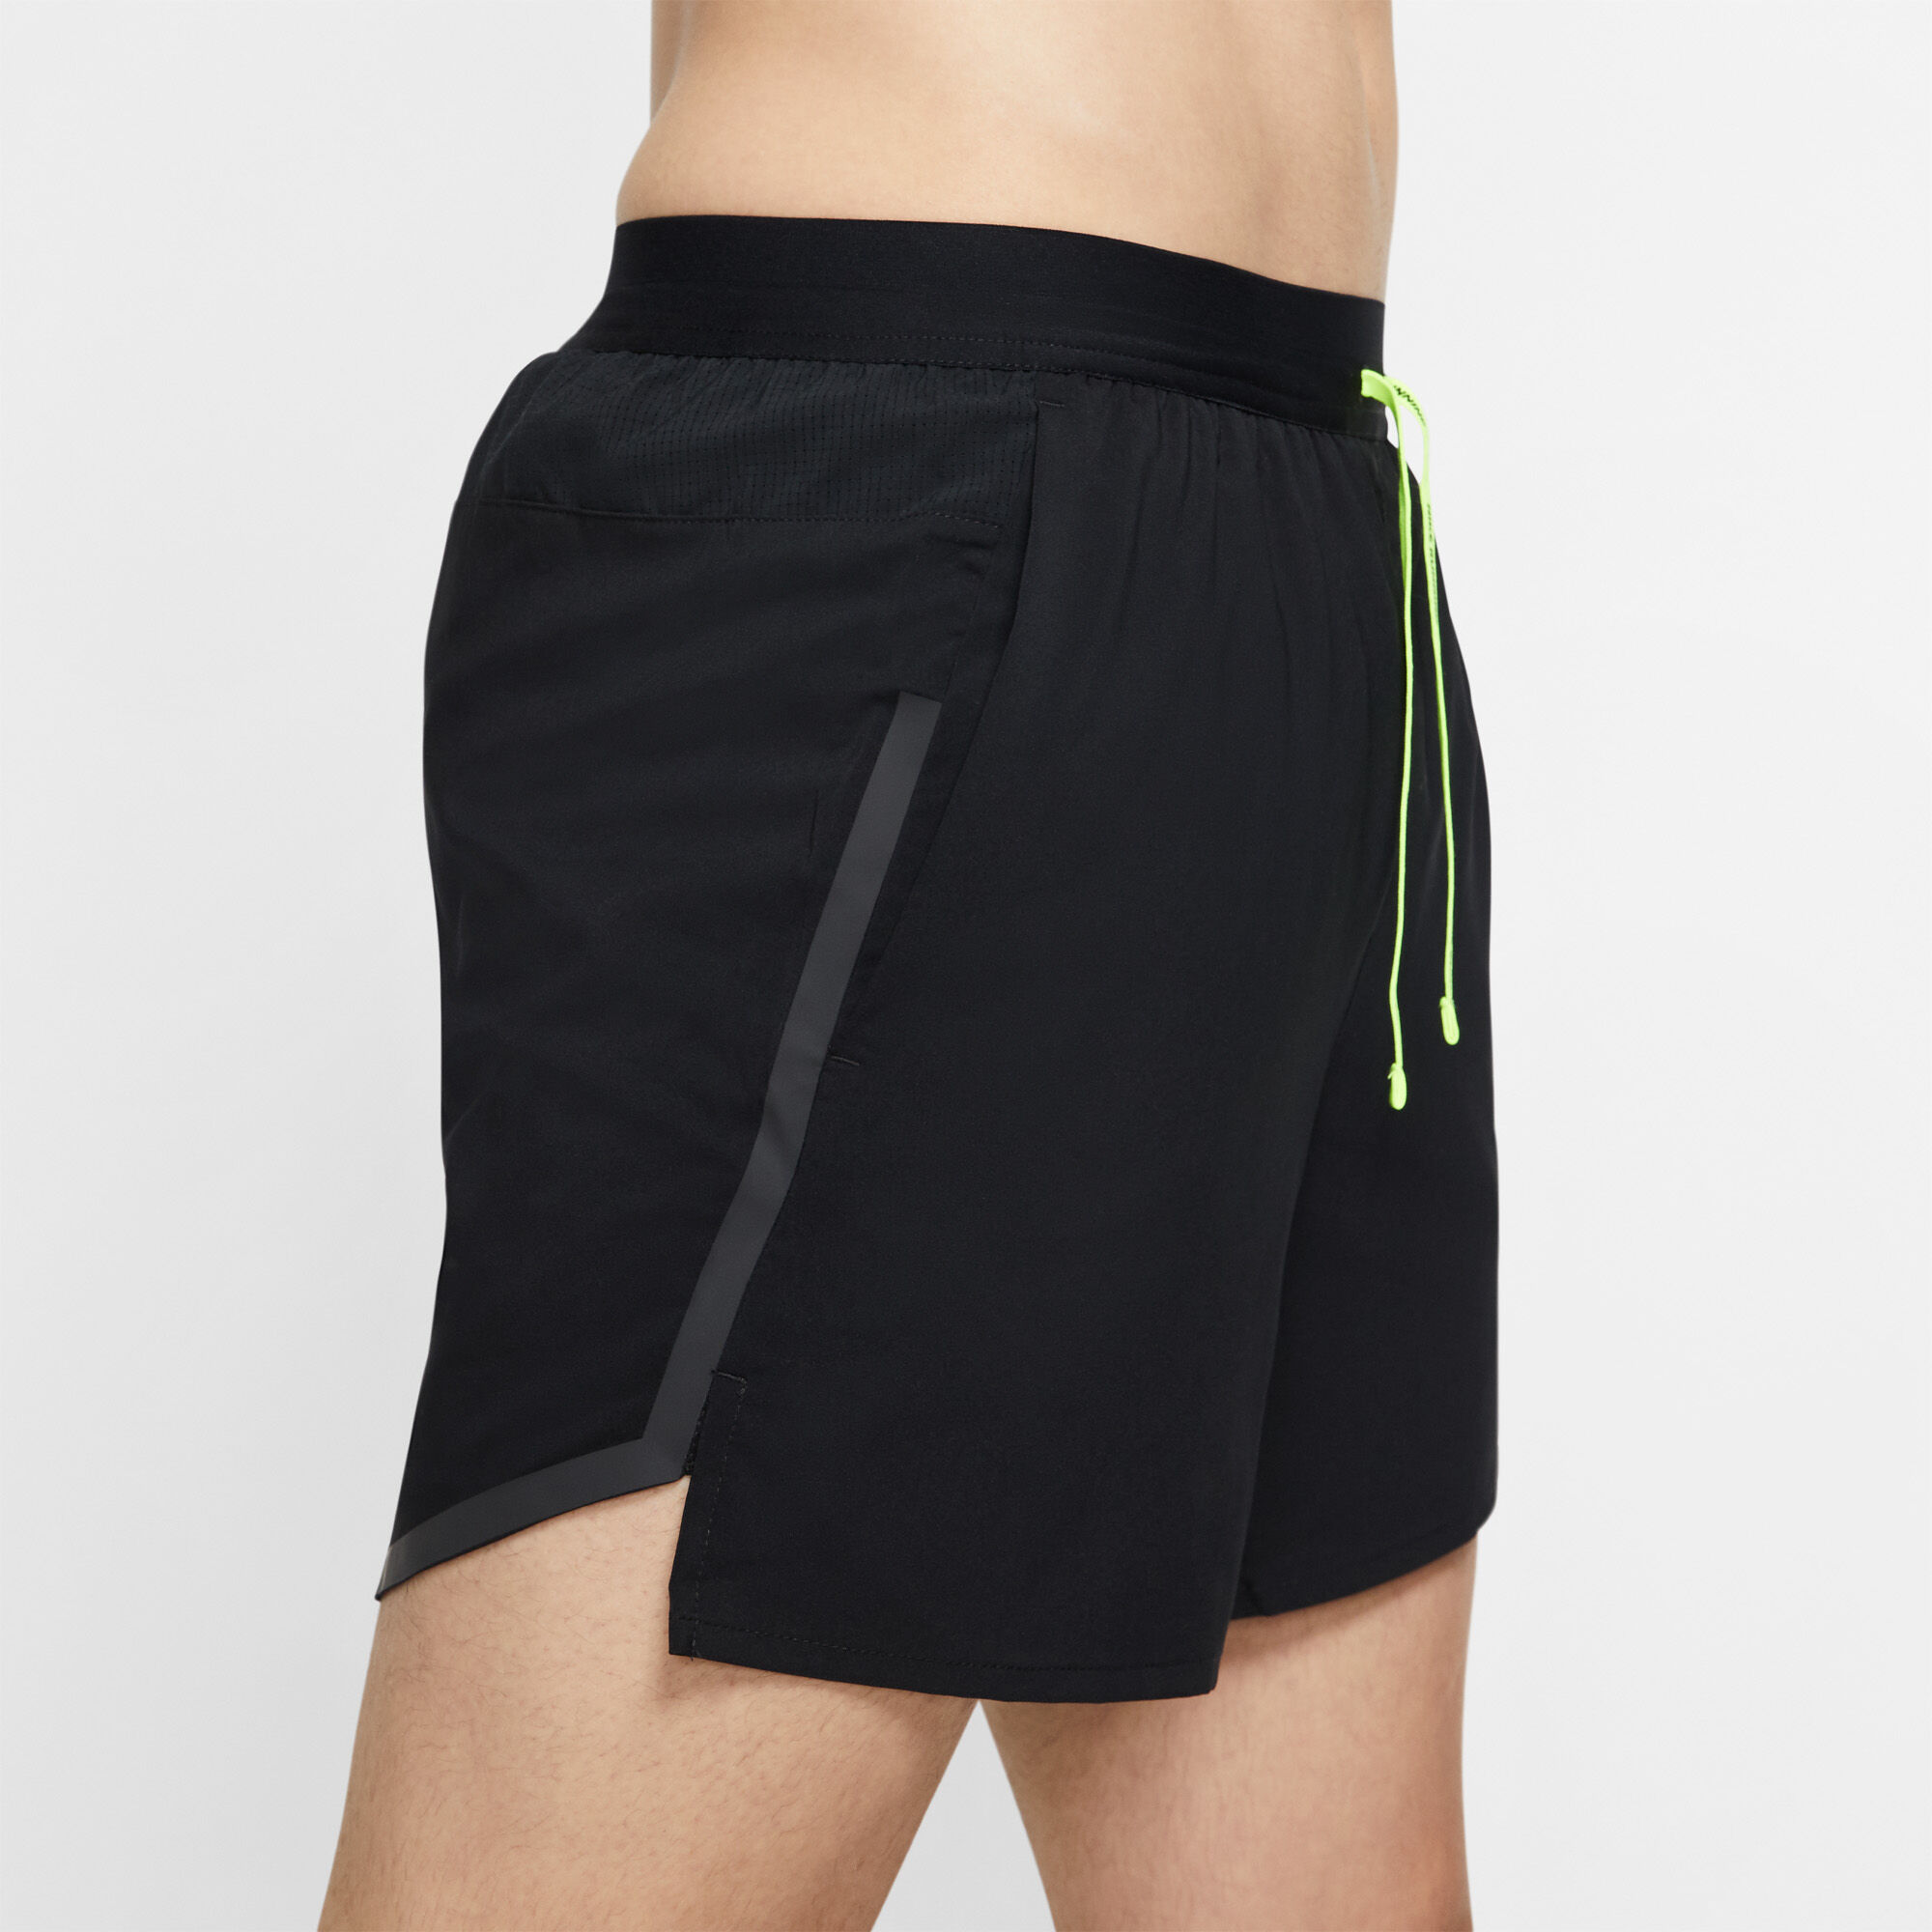 Nike Pro Flex 2 in 1 Shorts für Damen (große Größe). Nike CH